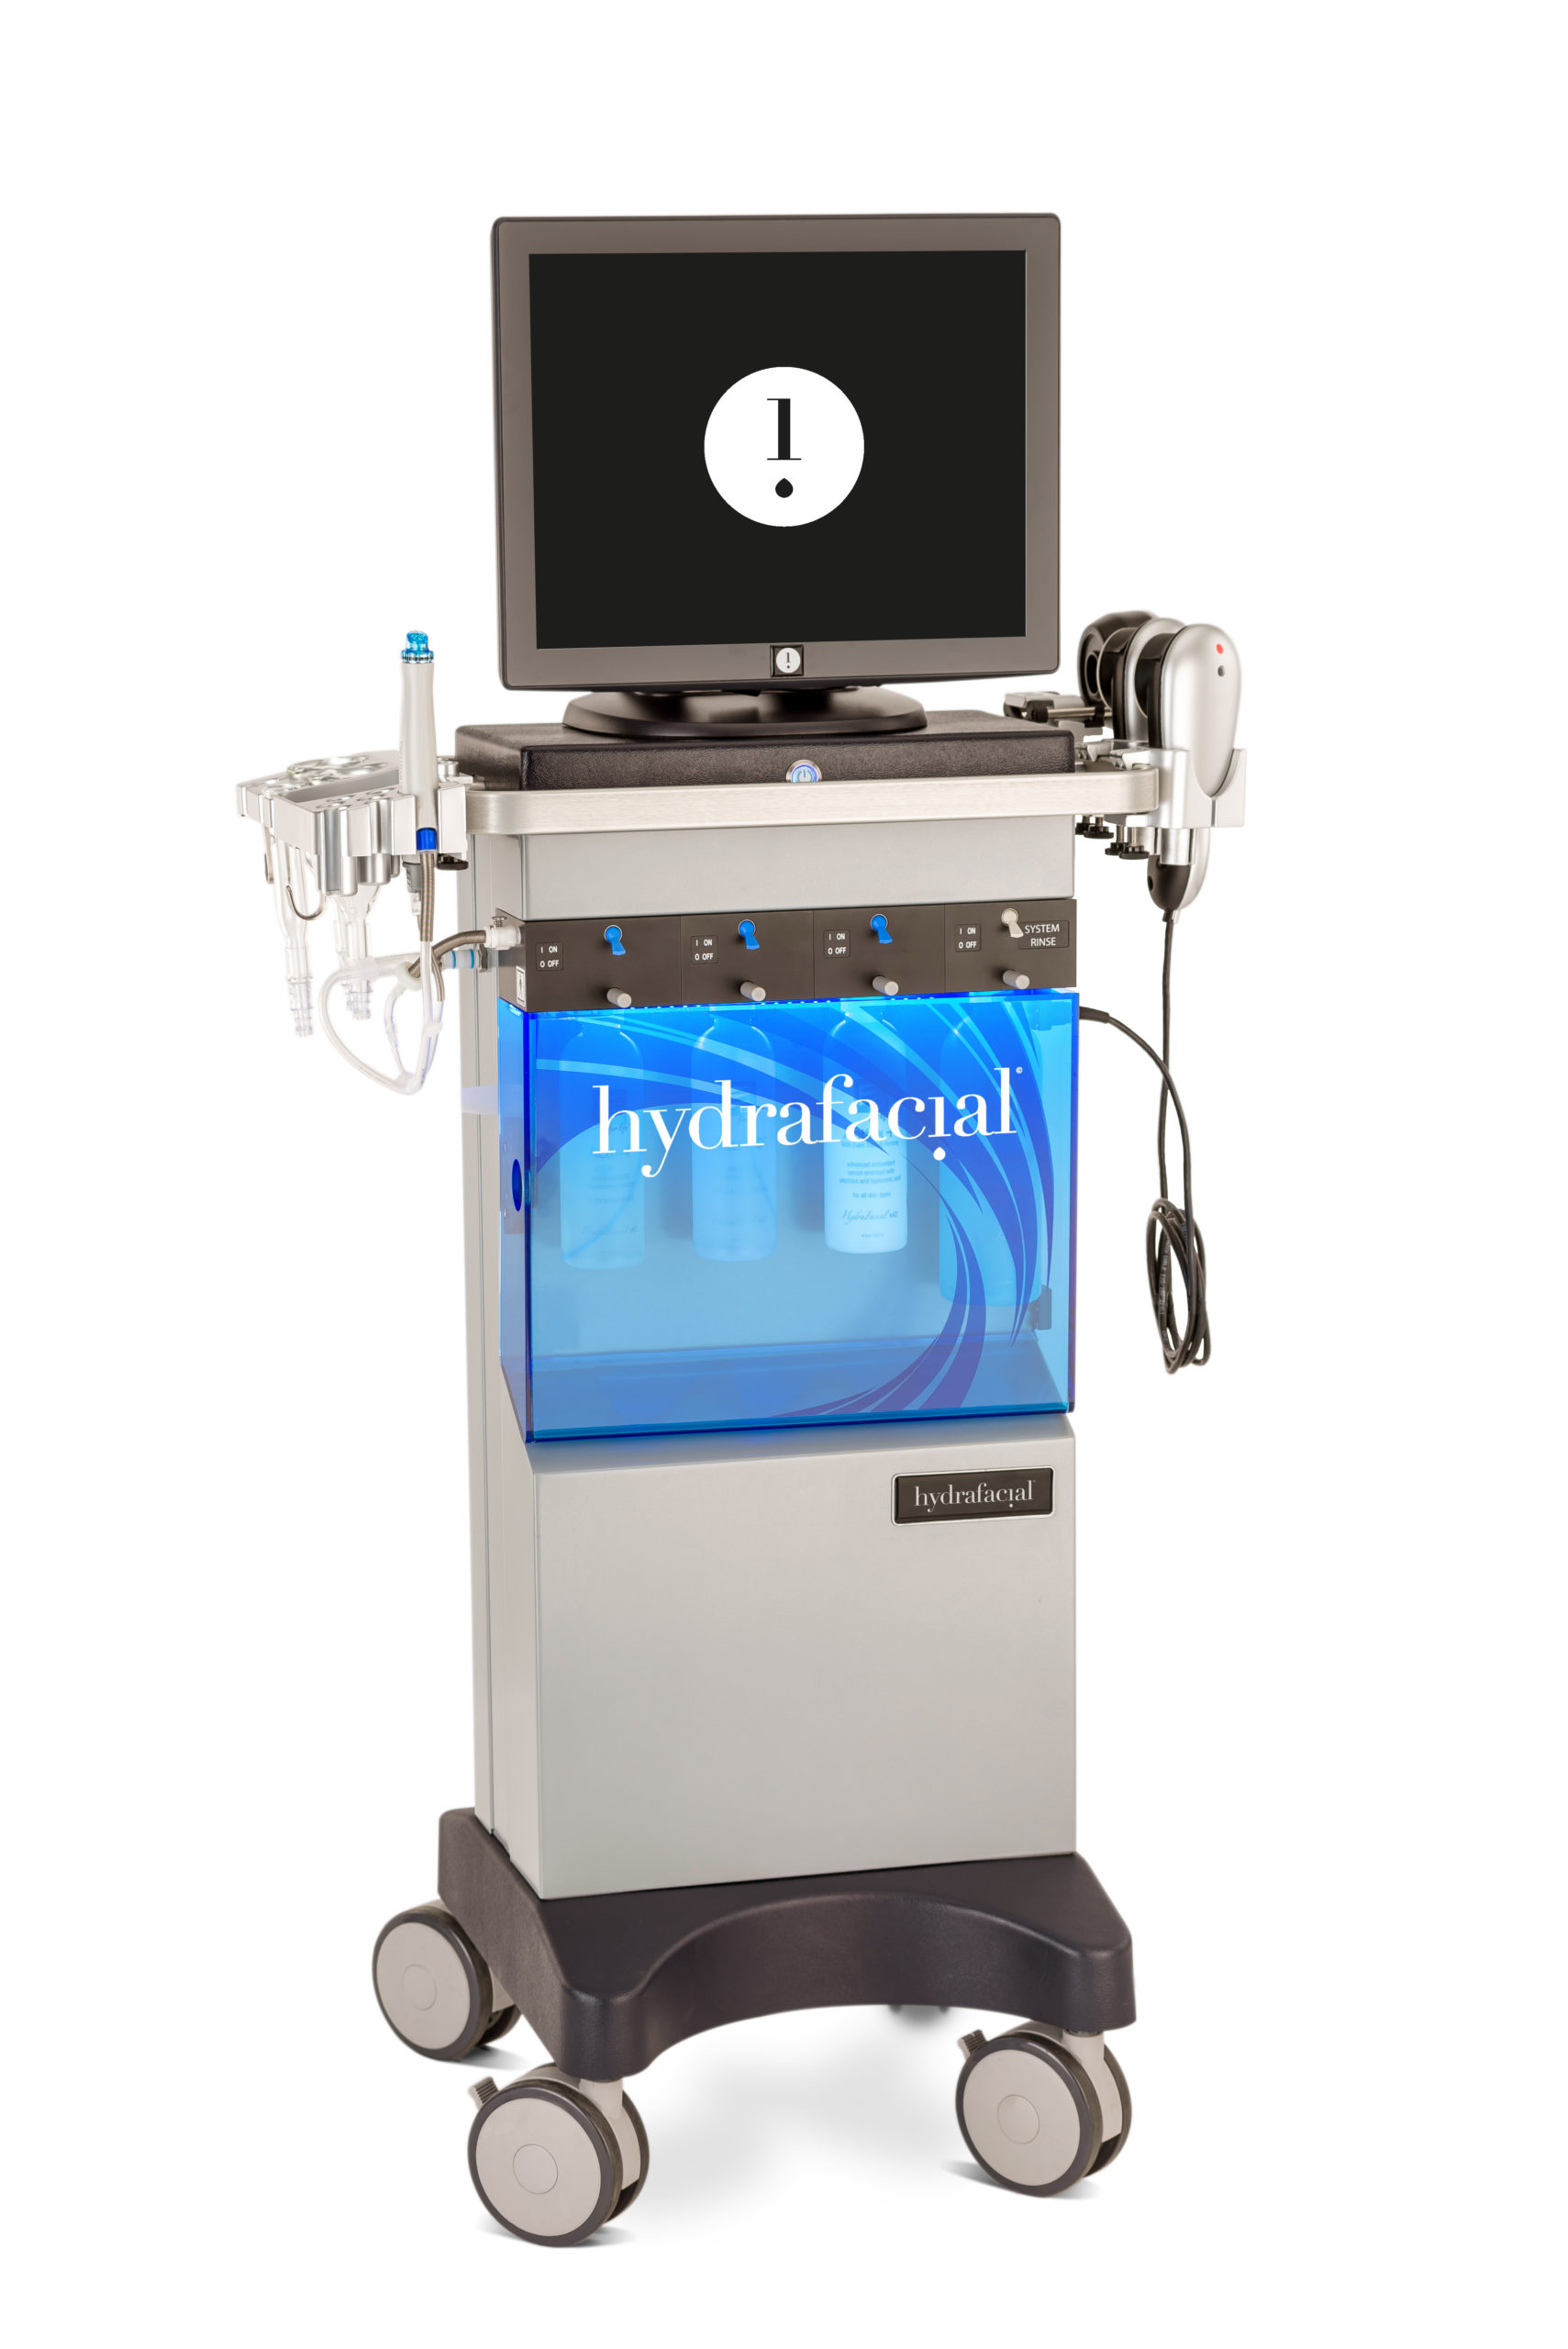 hydrafacial system